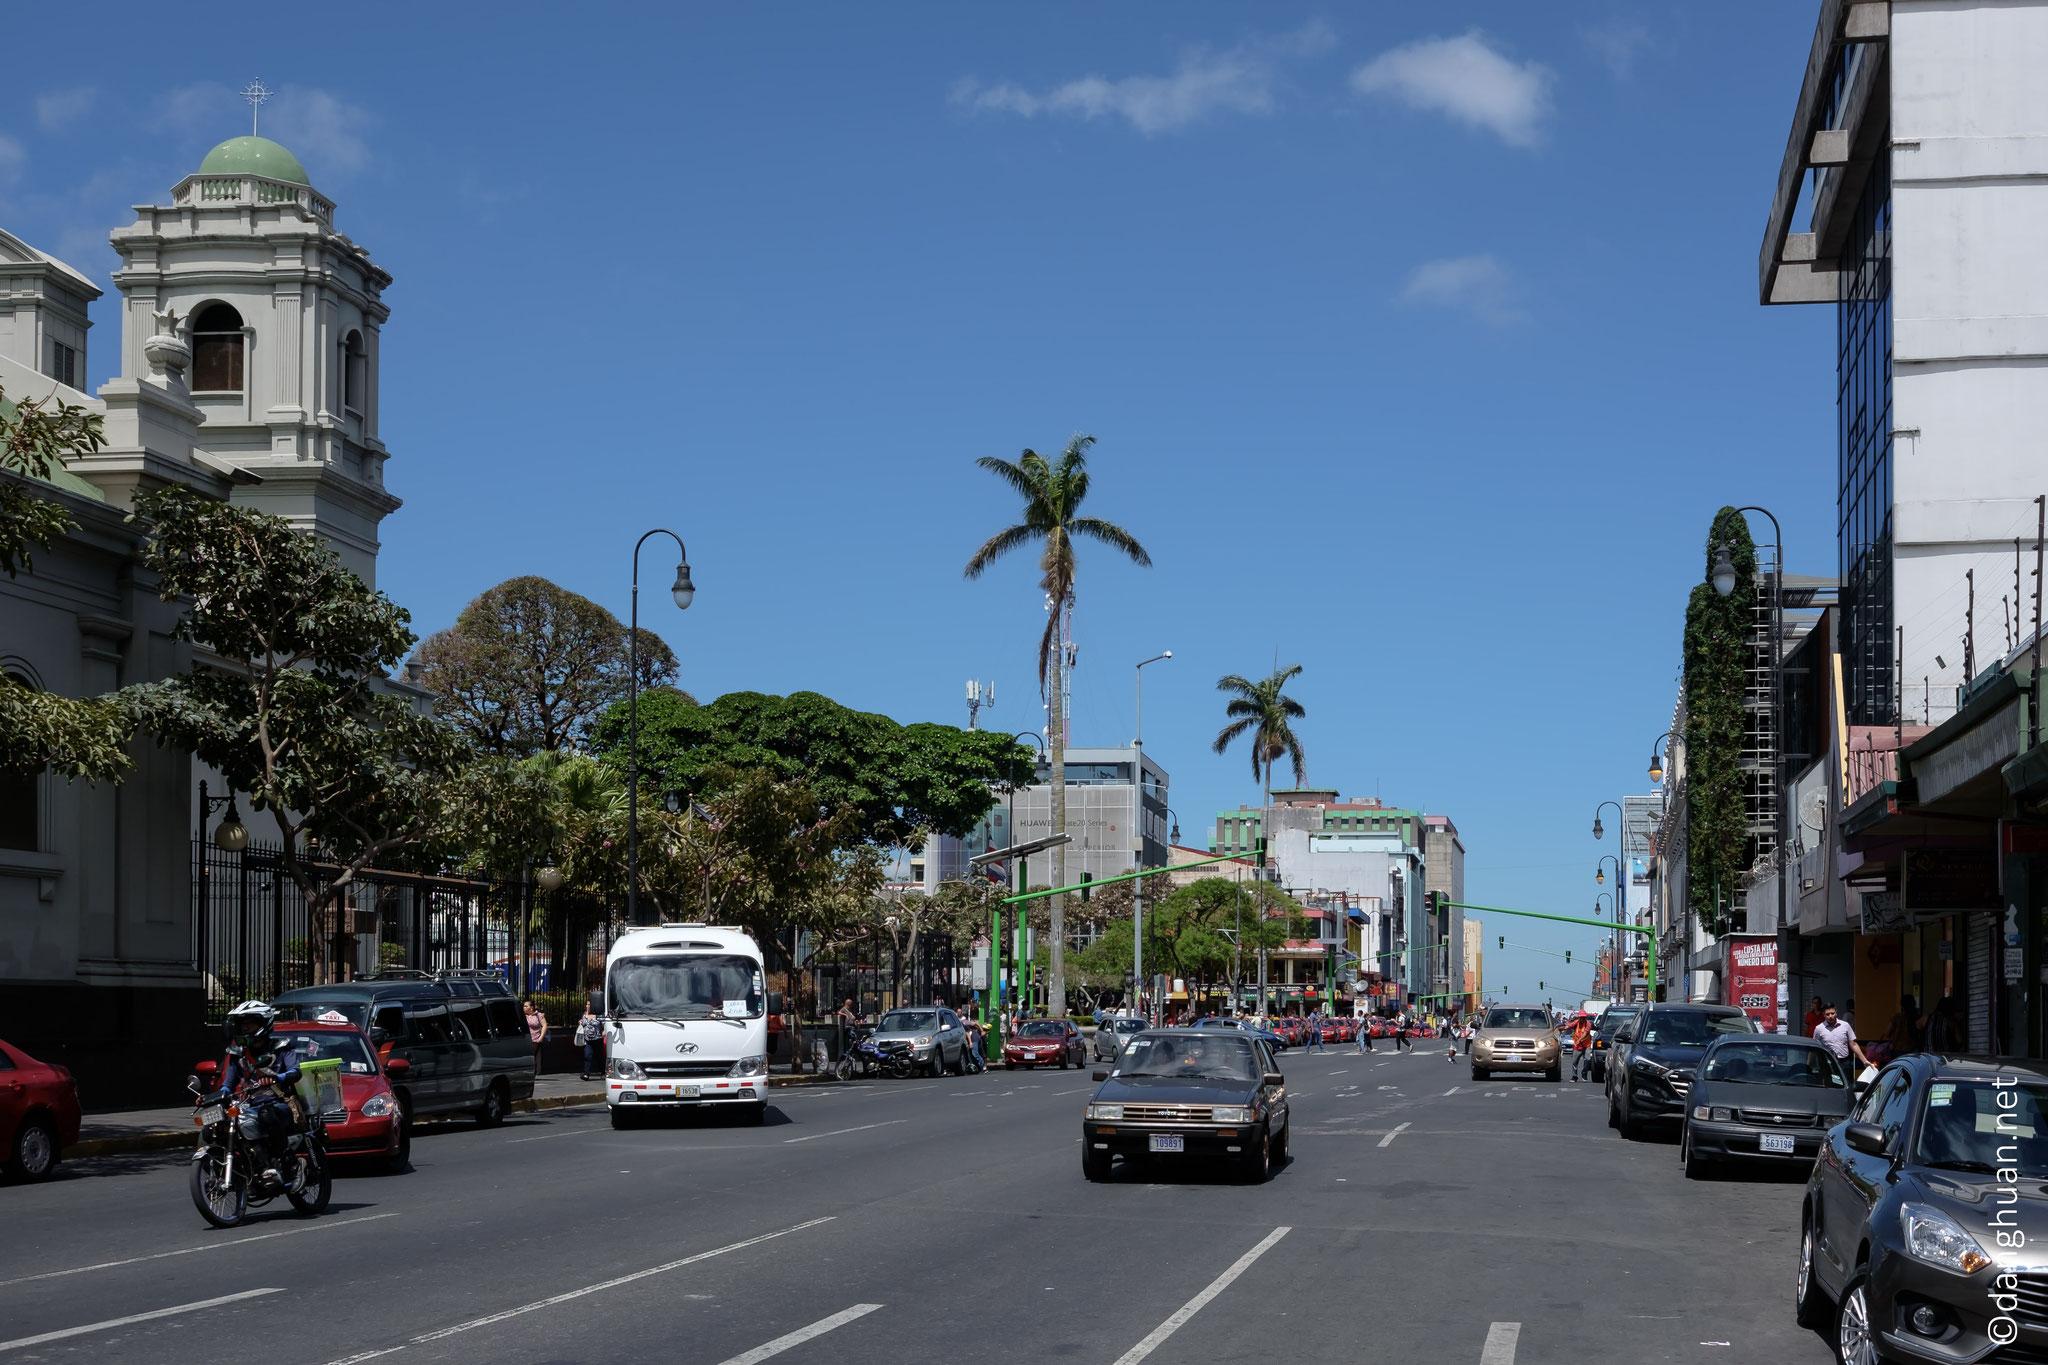 San José, la capitale de Costa Rica. Fondée en 1738, la ville devient capitale du Costa Rica en 1823 à la place de Cartago